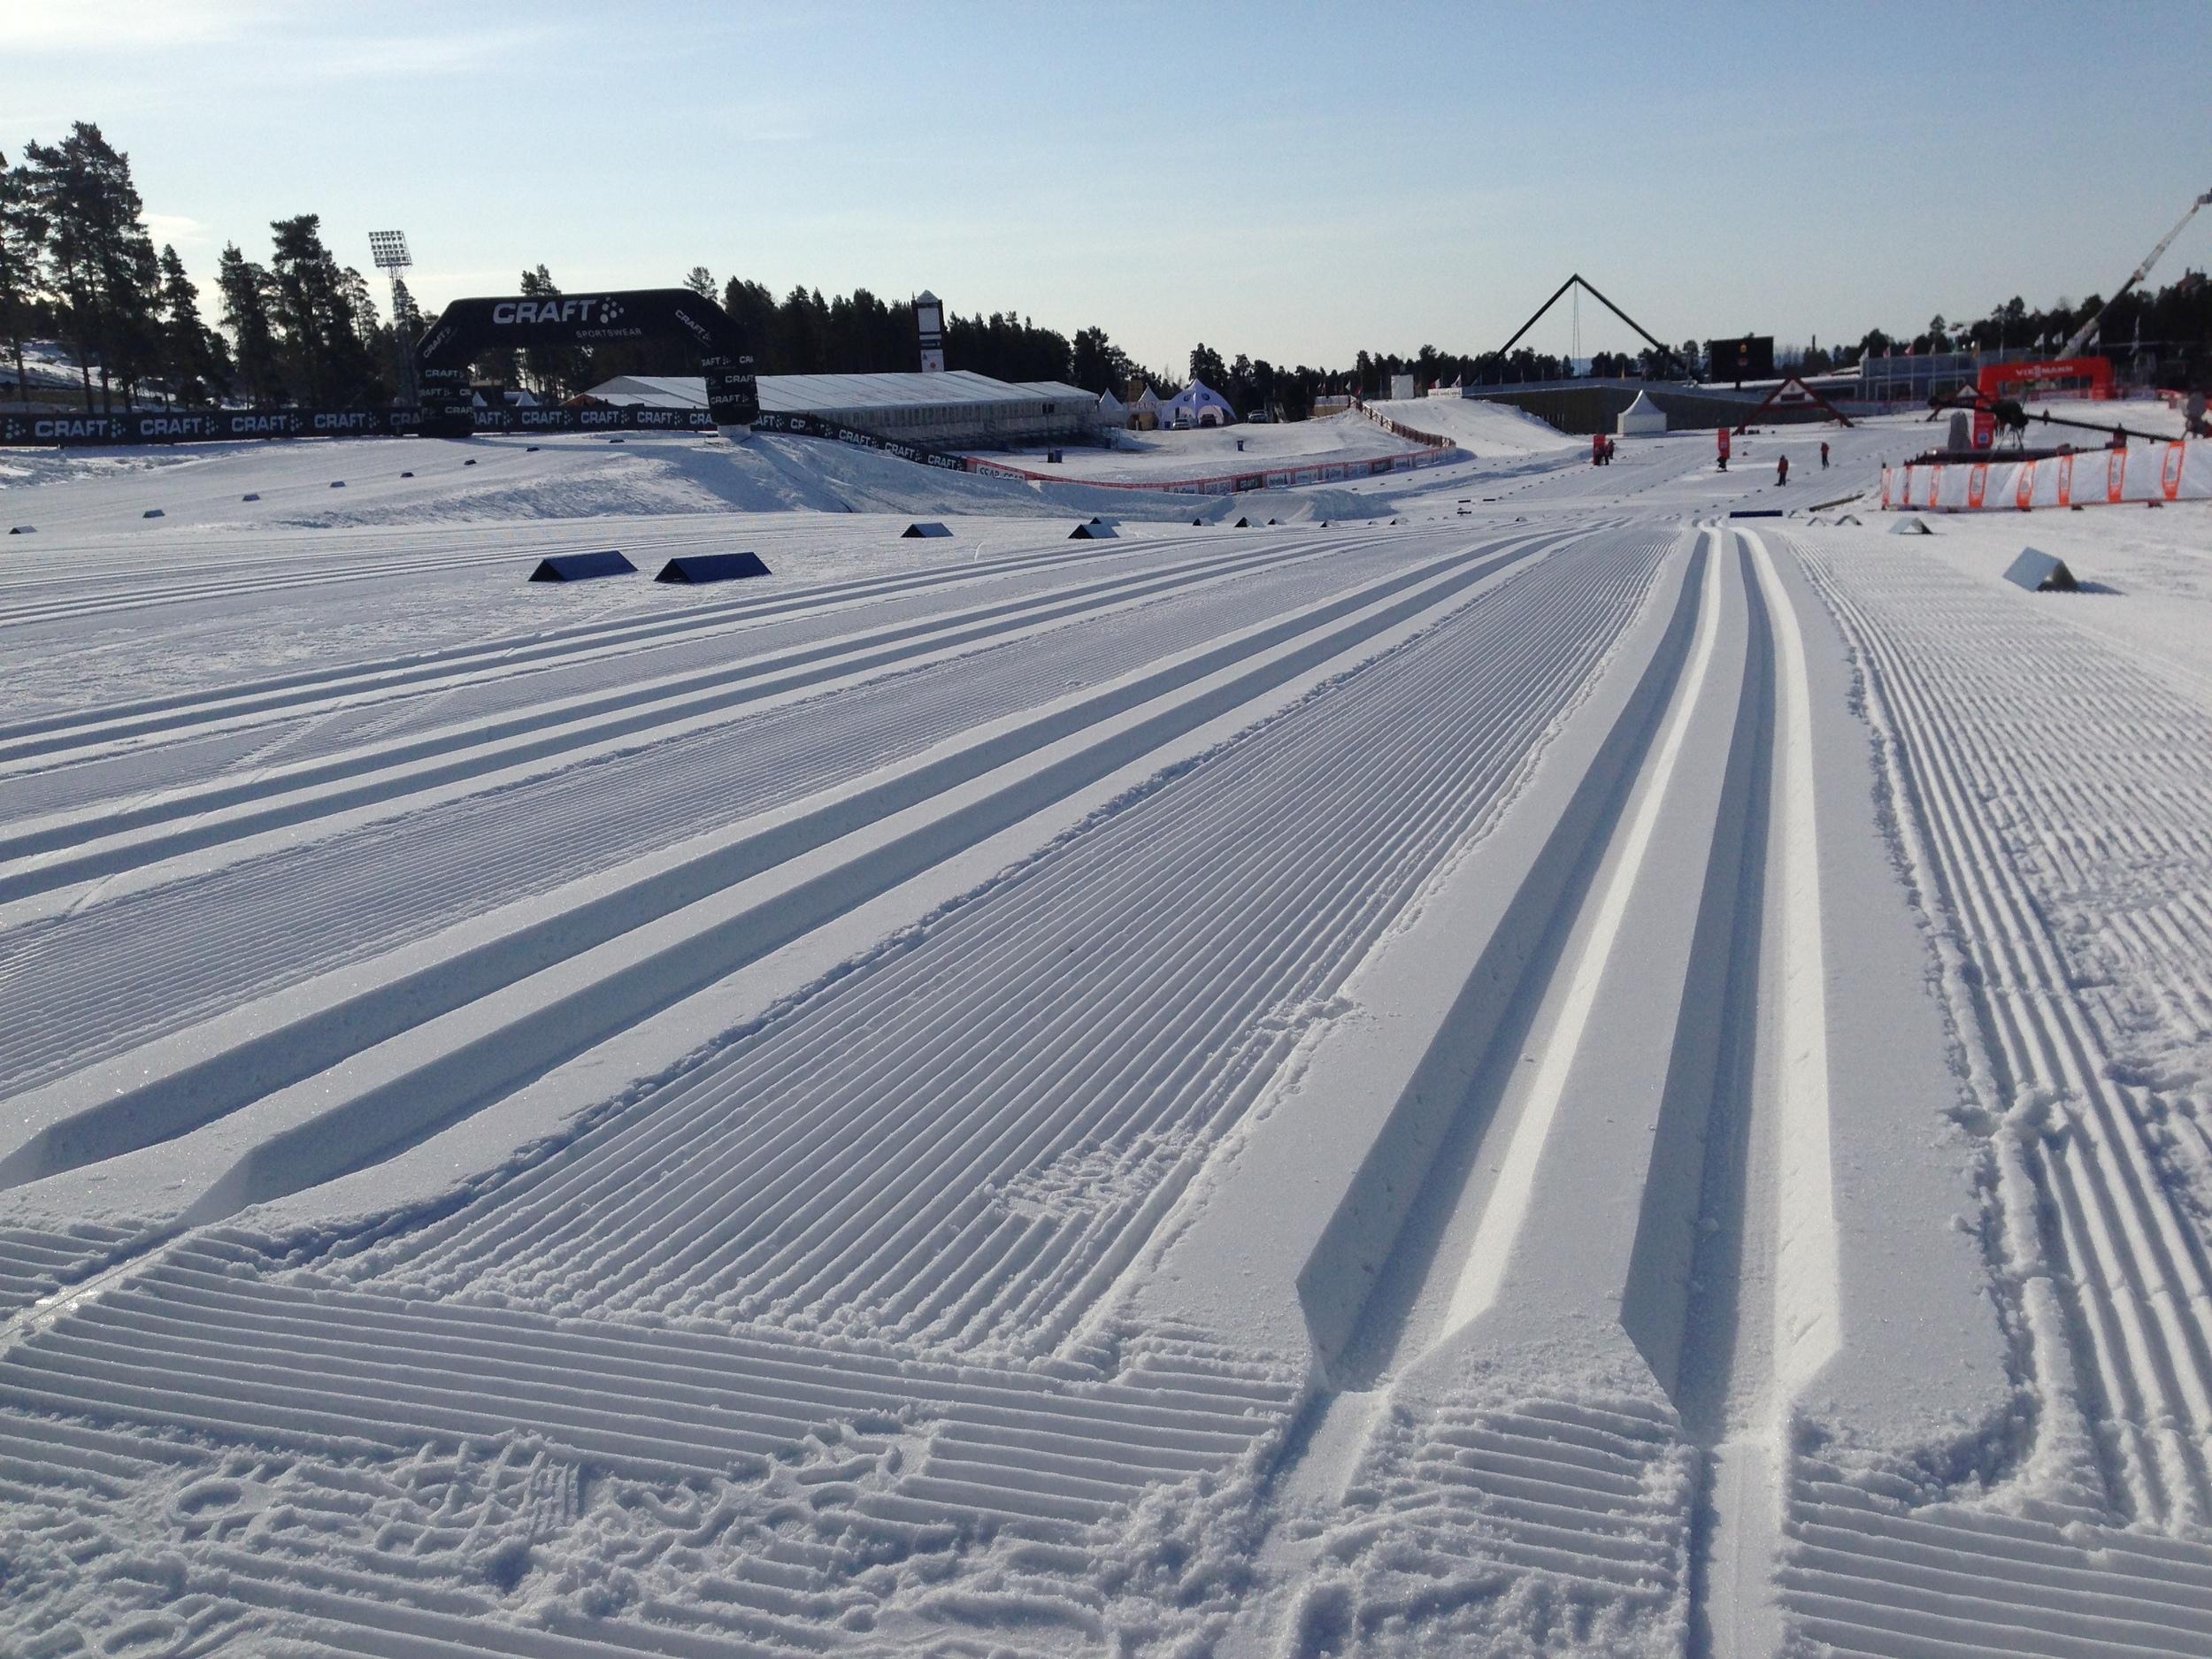 Svenska Skidspelen